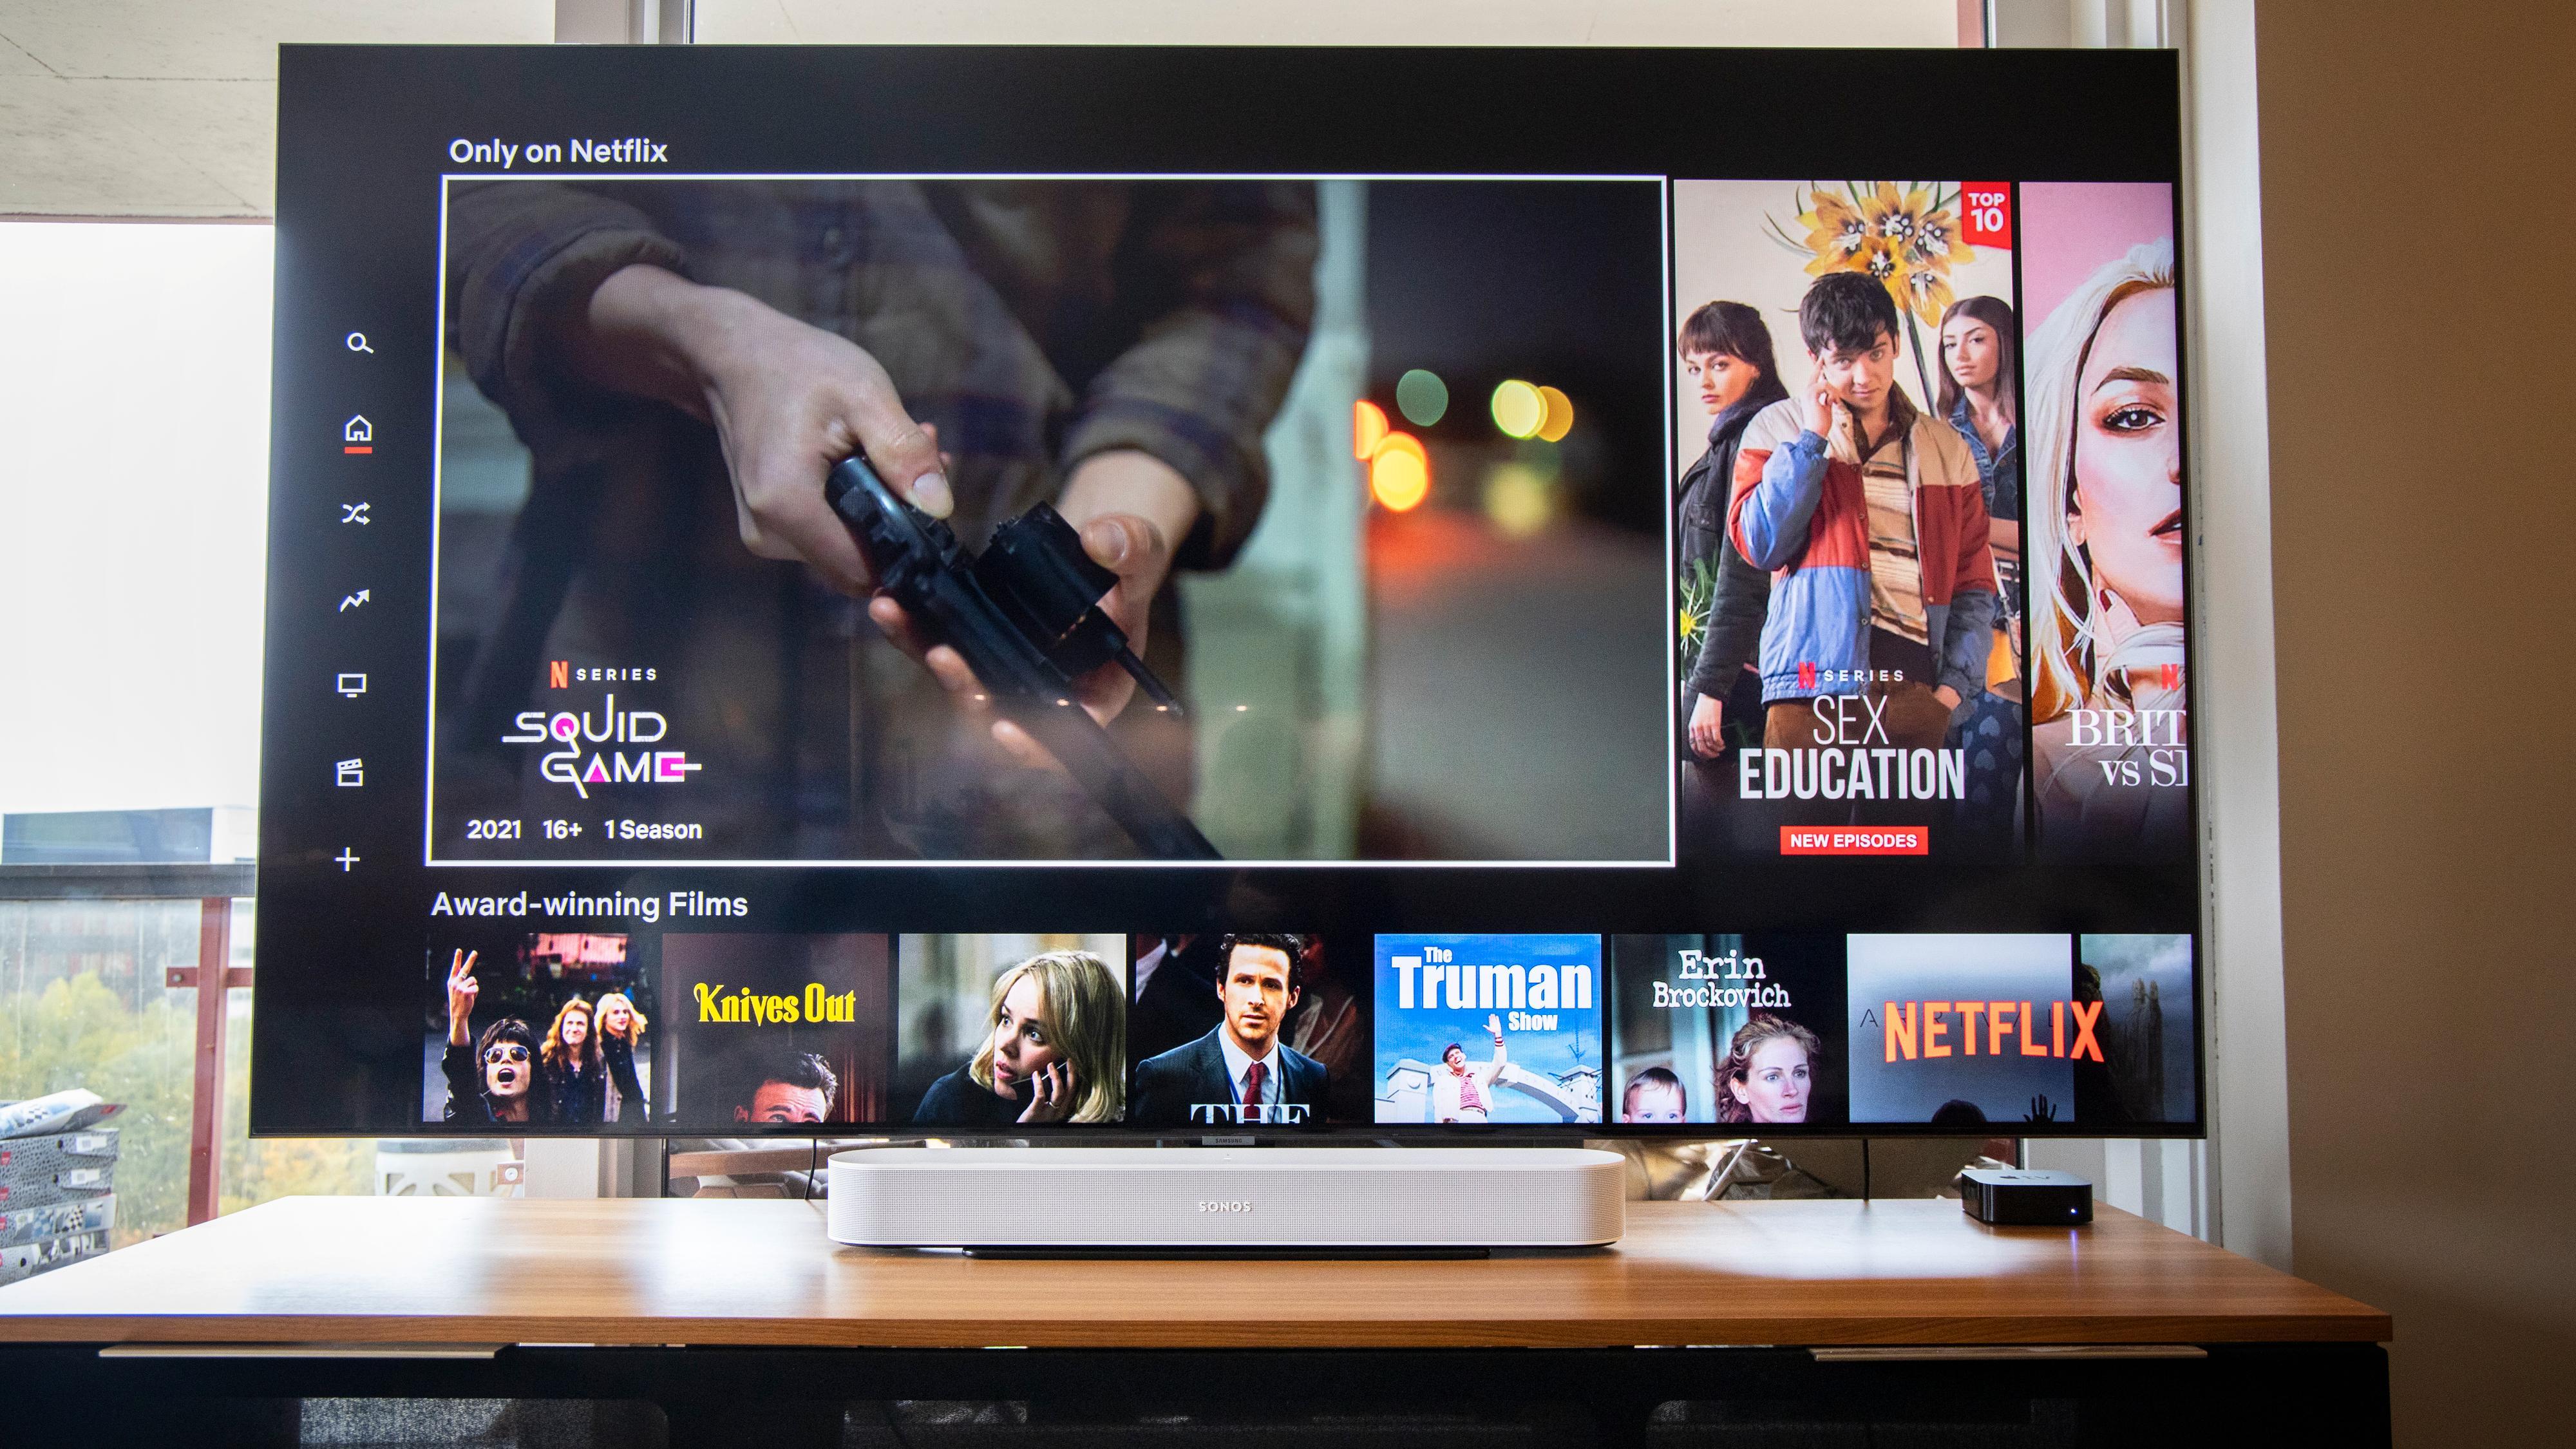 Så liten er egentlig Beam når den pares med en 75 tommer stor TV.